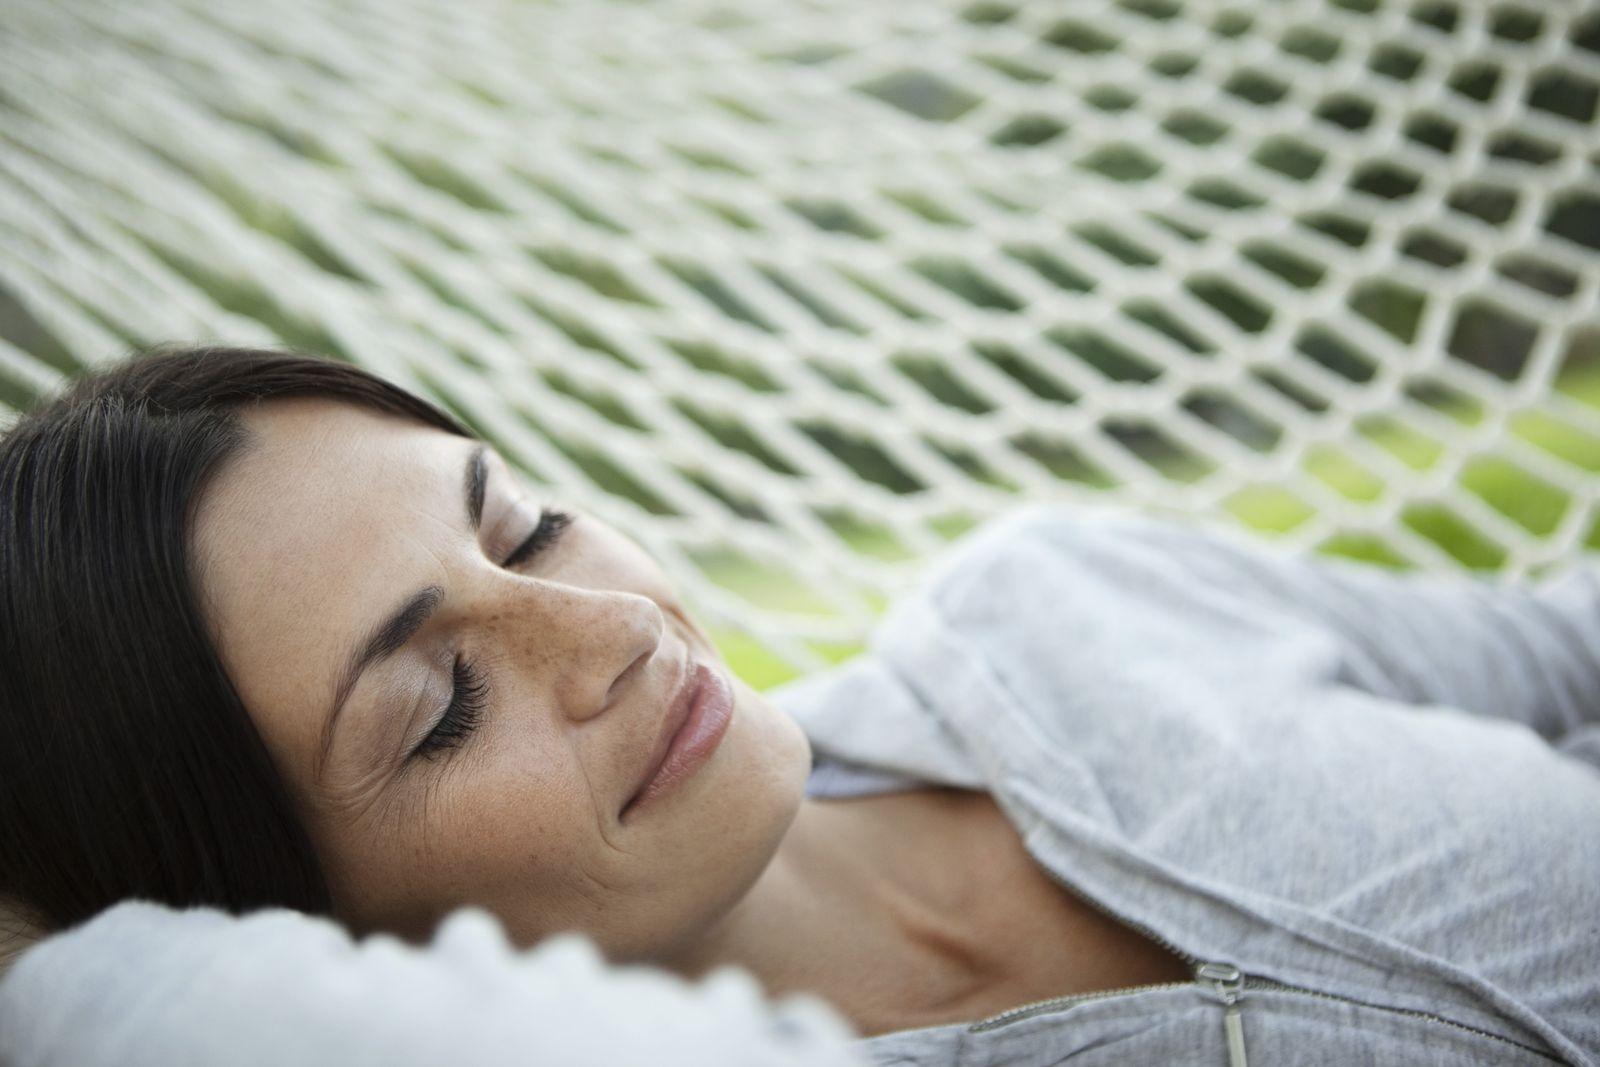 NICHT MEHR VERWENDEN! - SYMBOLBILD Schönheitsschlaf/ Schlaf/ Ausschlafen